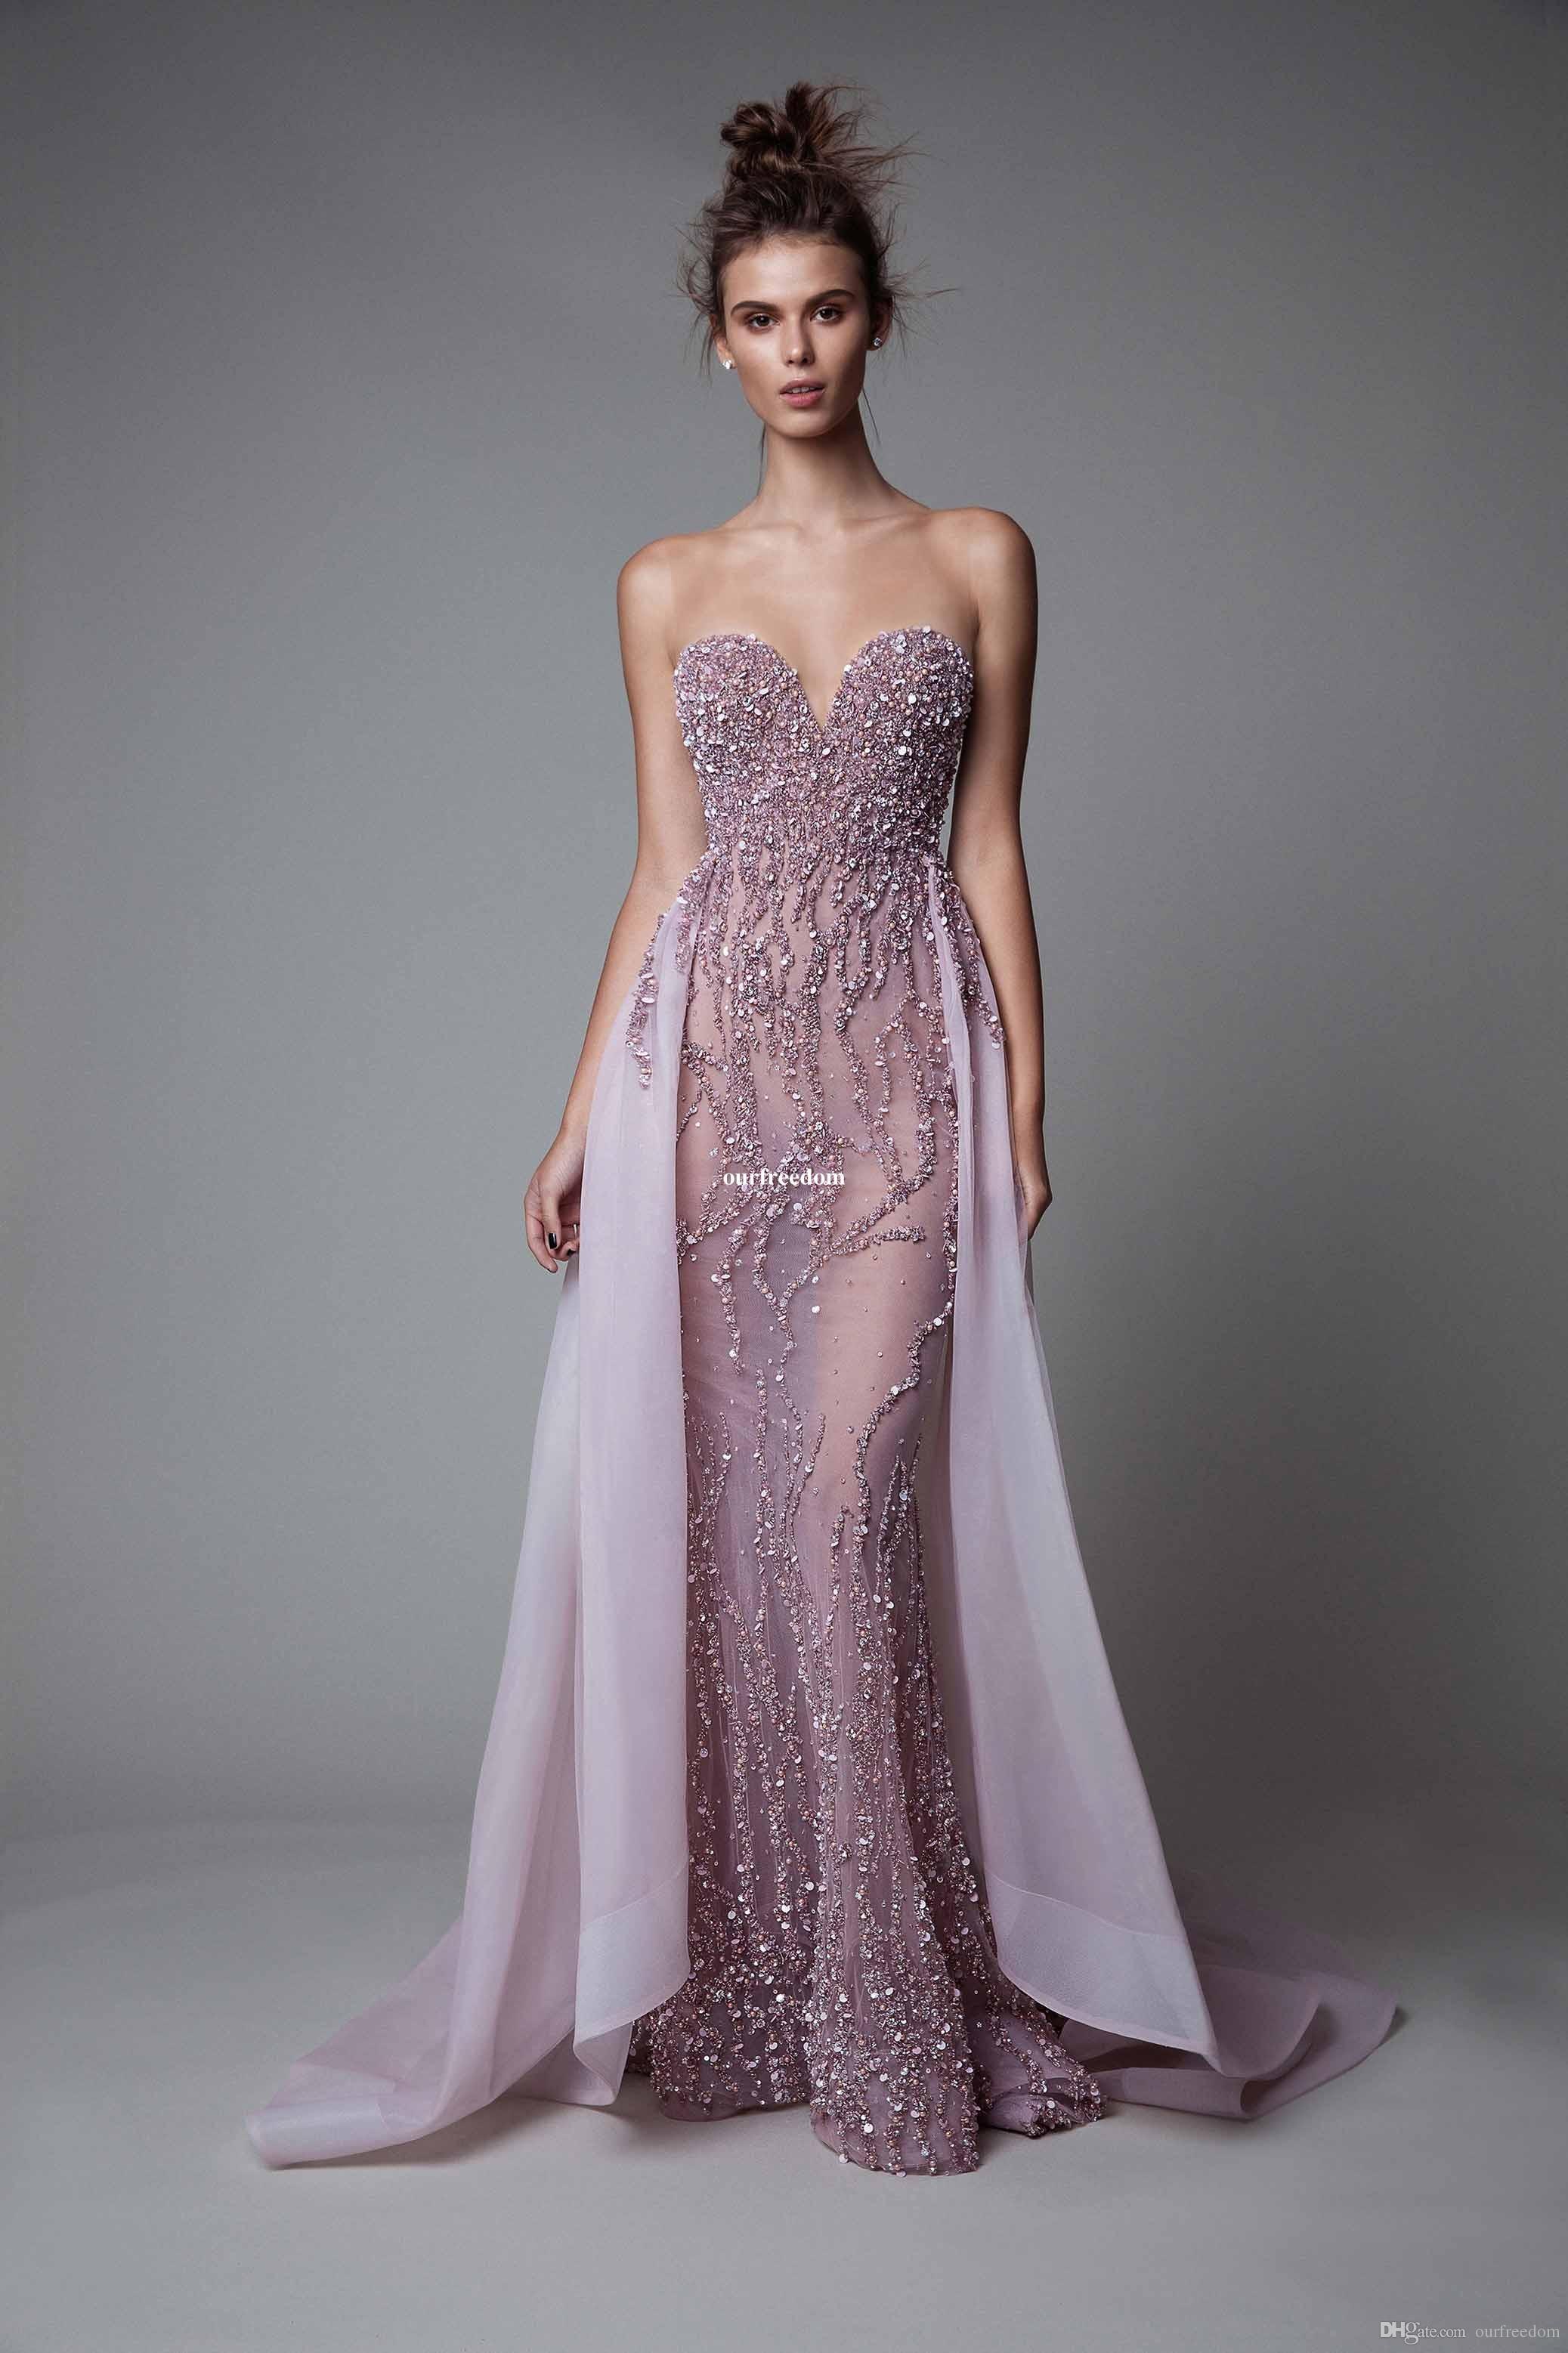 2019 Berta nouvelle collection robes de bal lavande chérie perles lourdes cristal détachable train sexy dos nu formelle robe de soirée